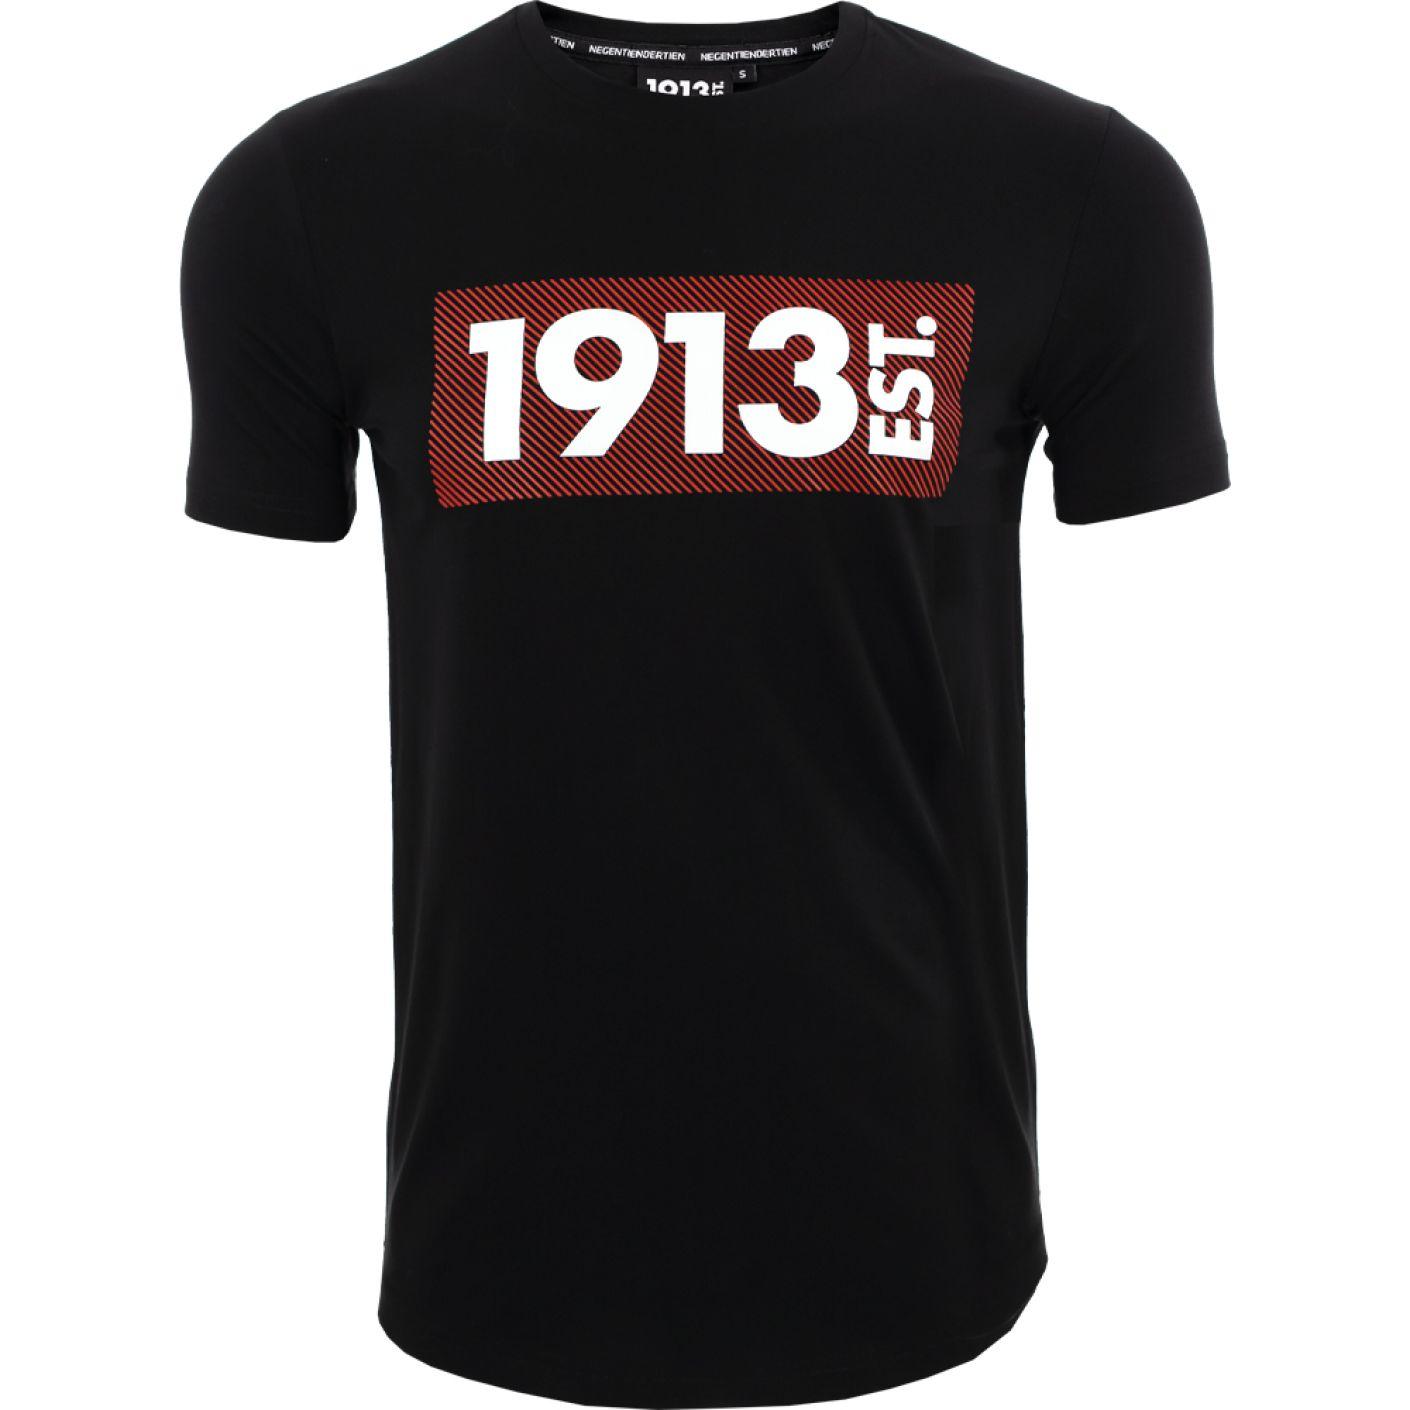 1913 T-shirt zwart Stripes rood